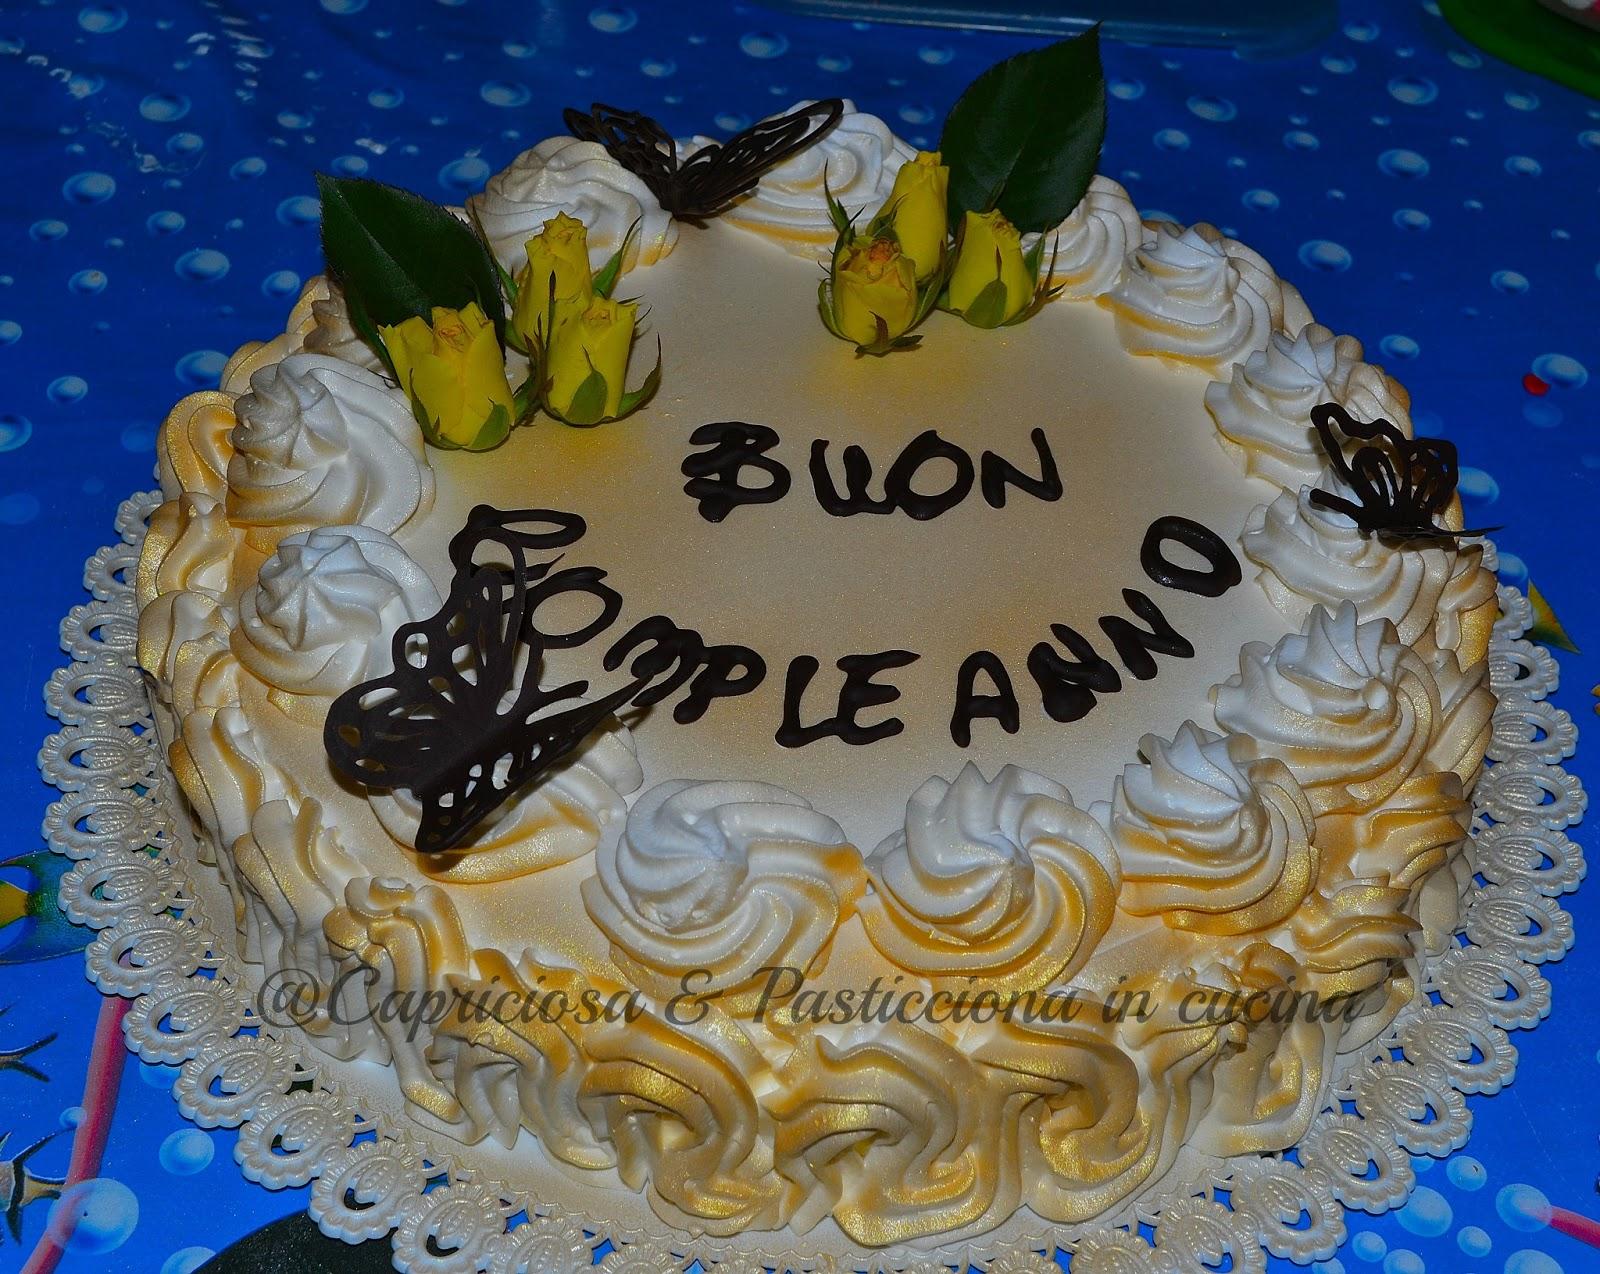 Capricciosa E Pasticciona In Cucina Torte Di Compleanno X